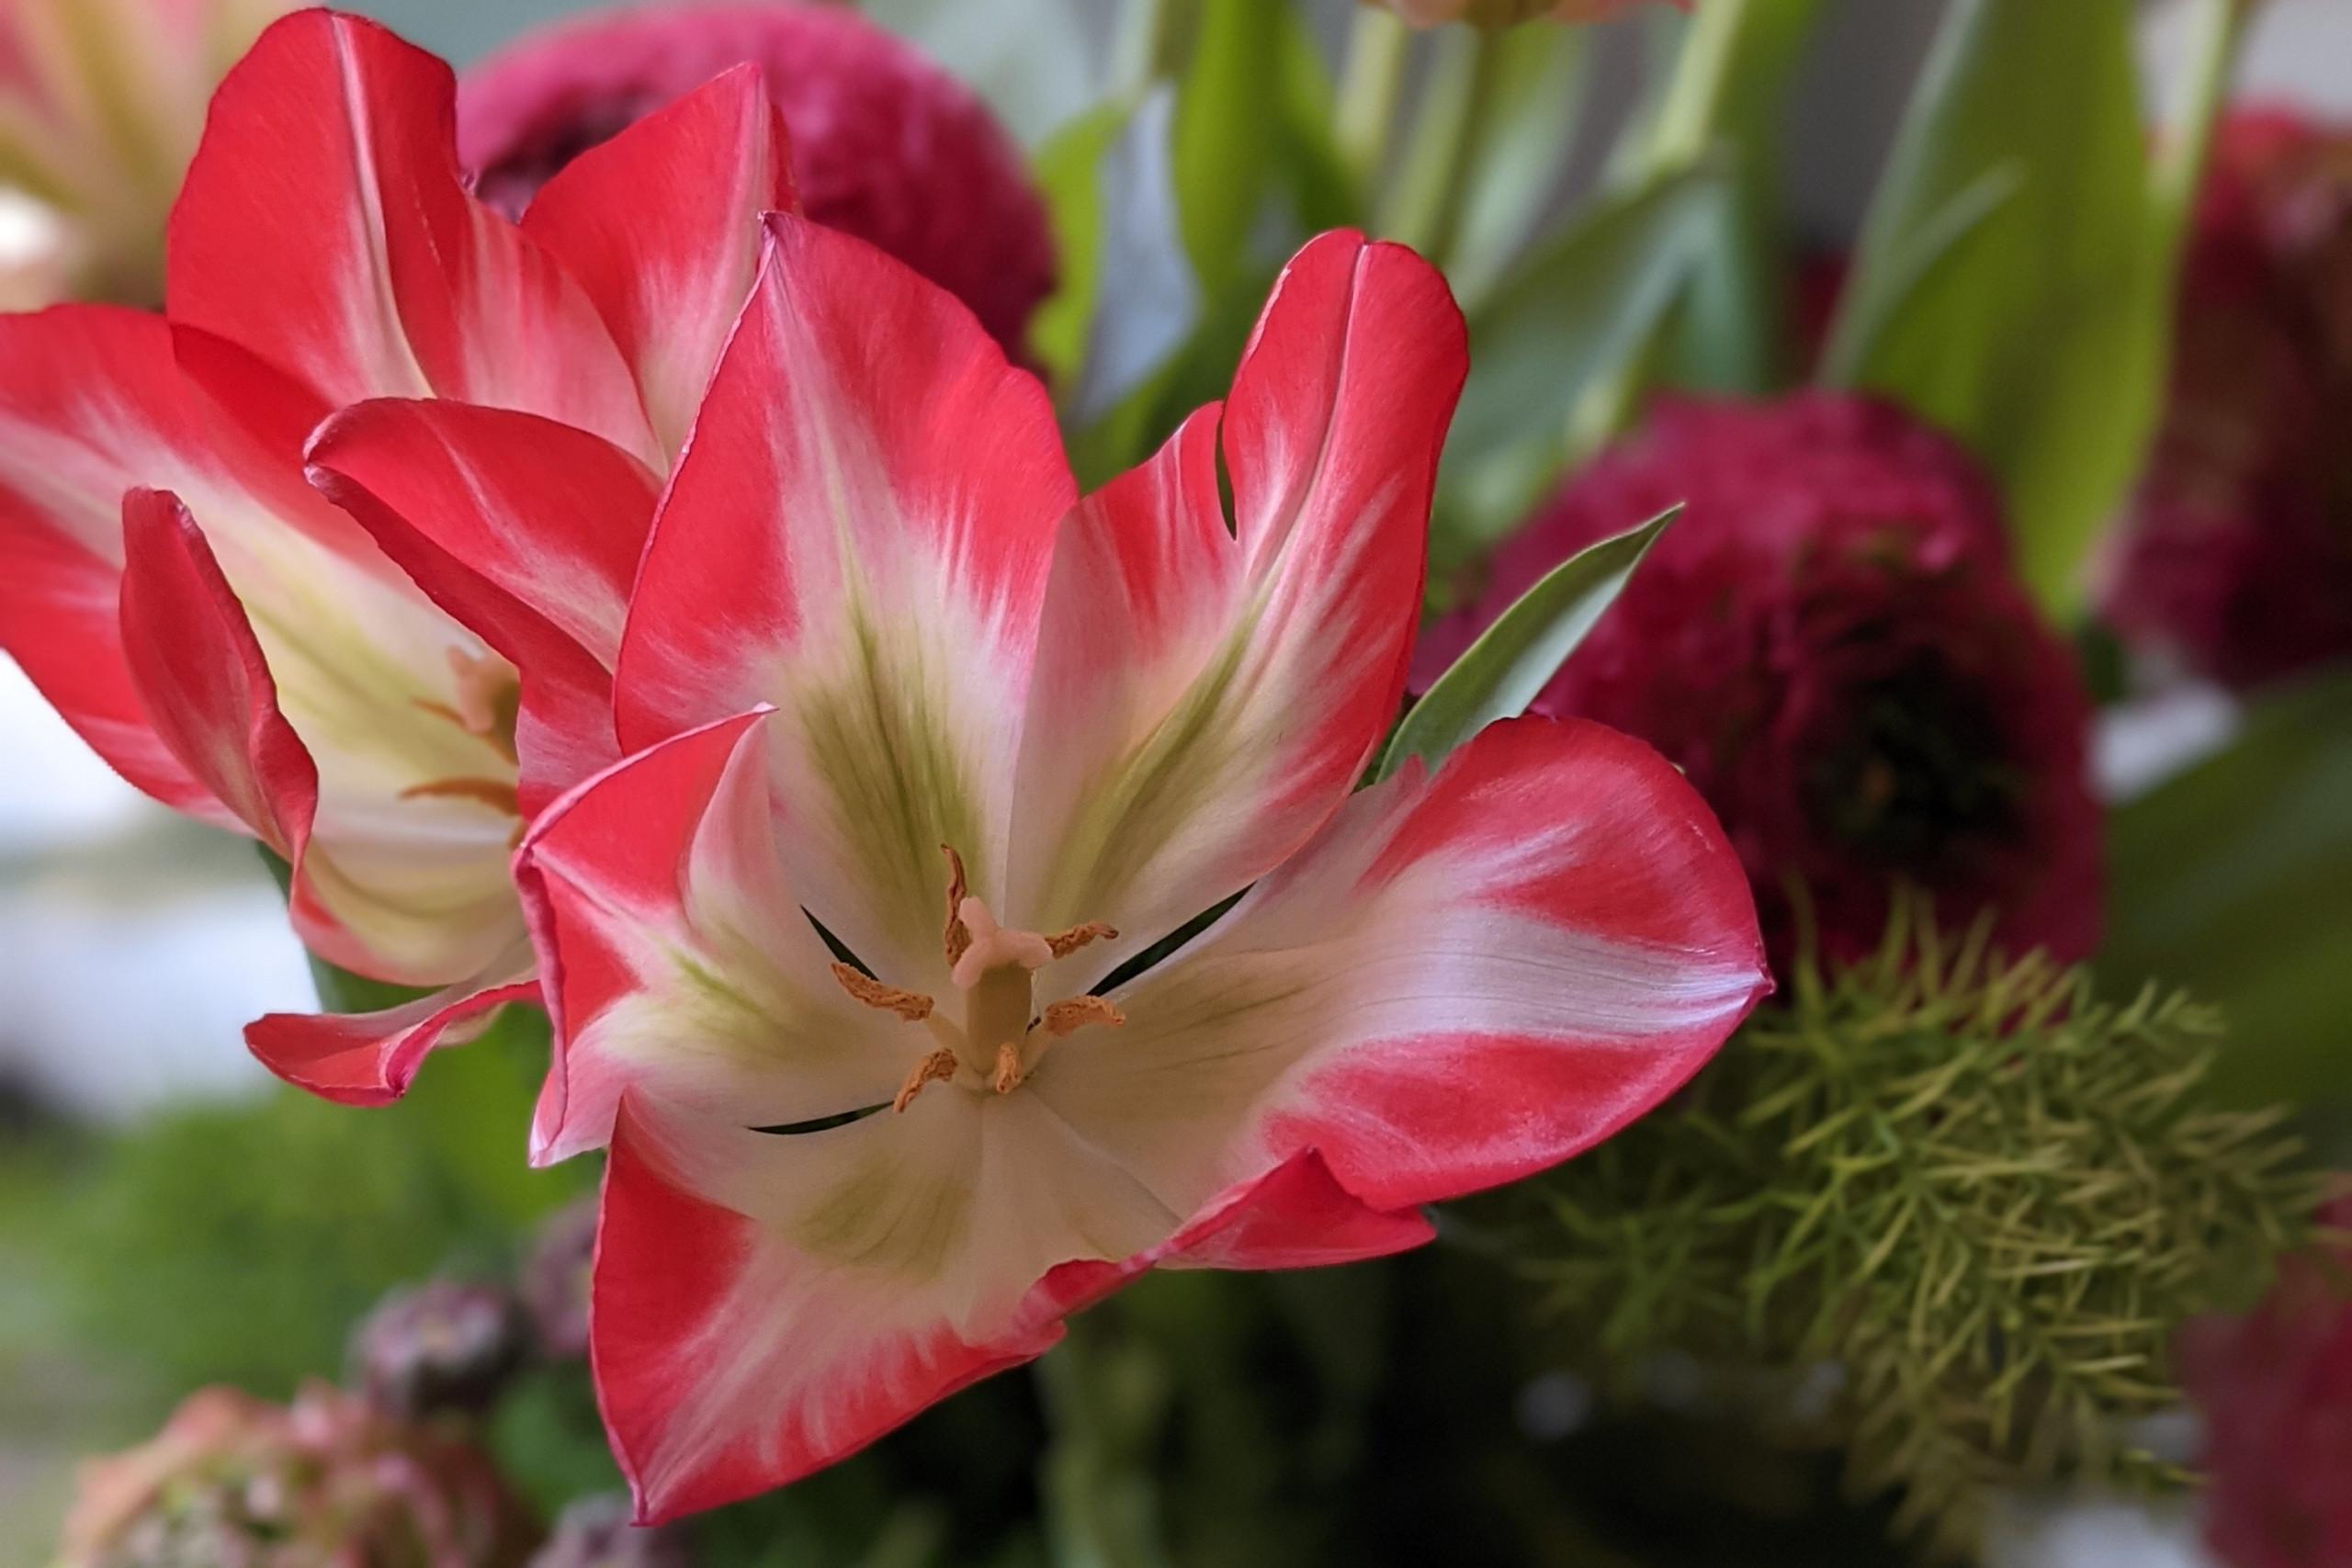 fiore all'occhiello, tulipano